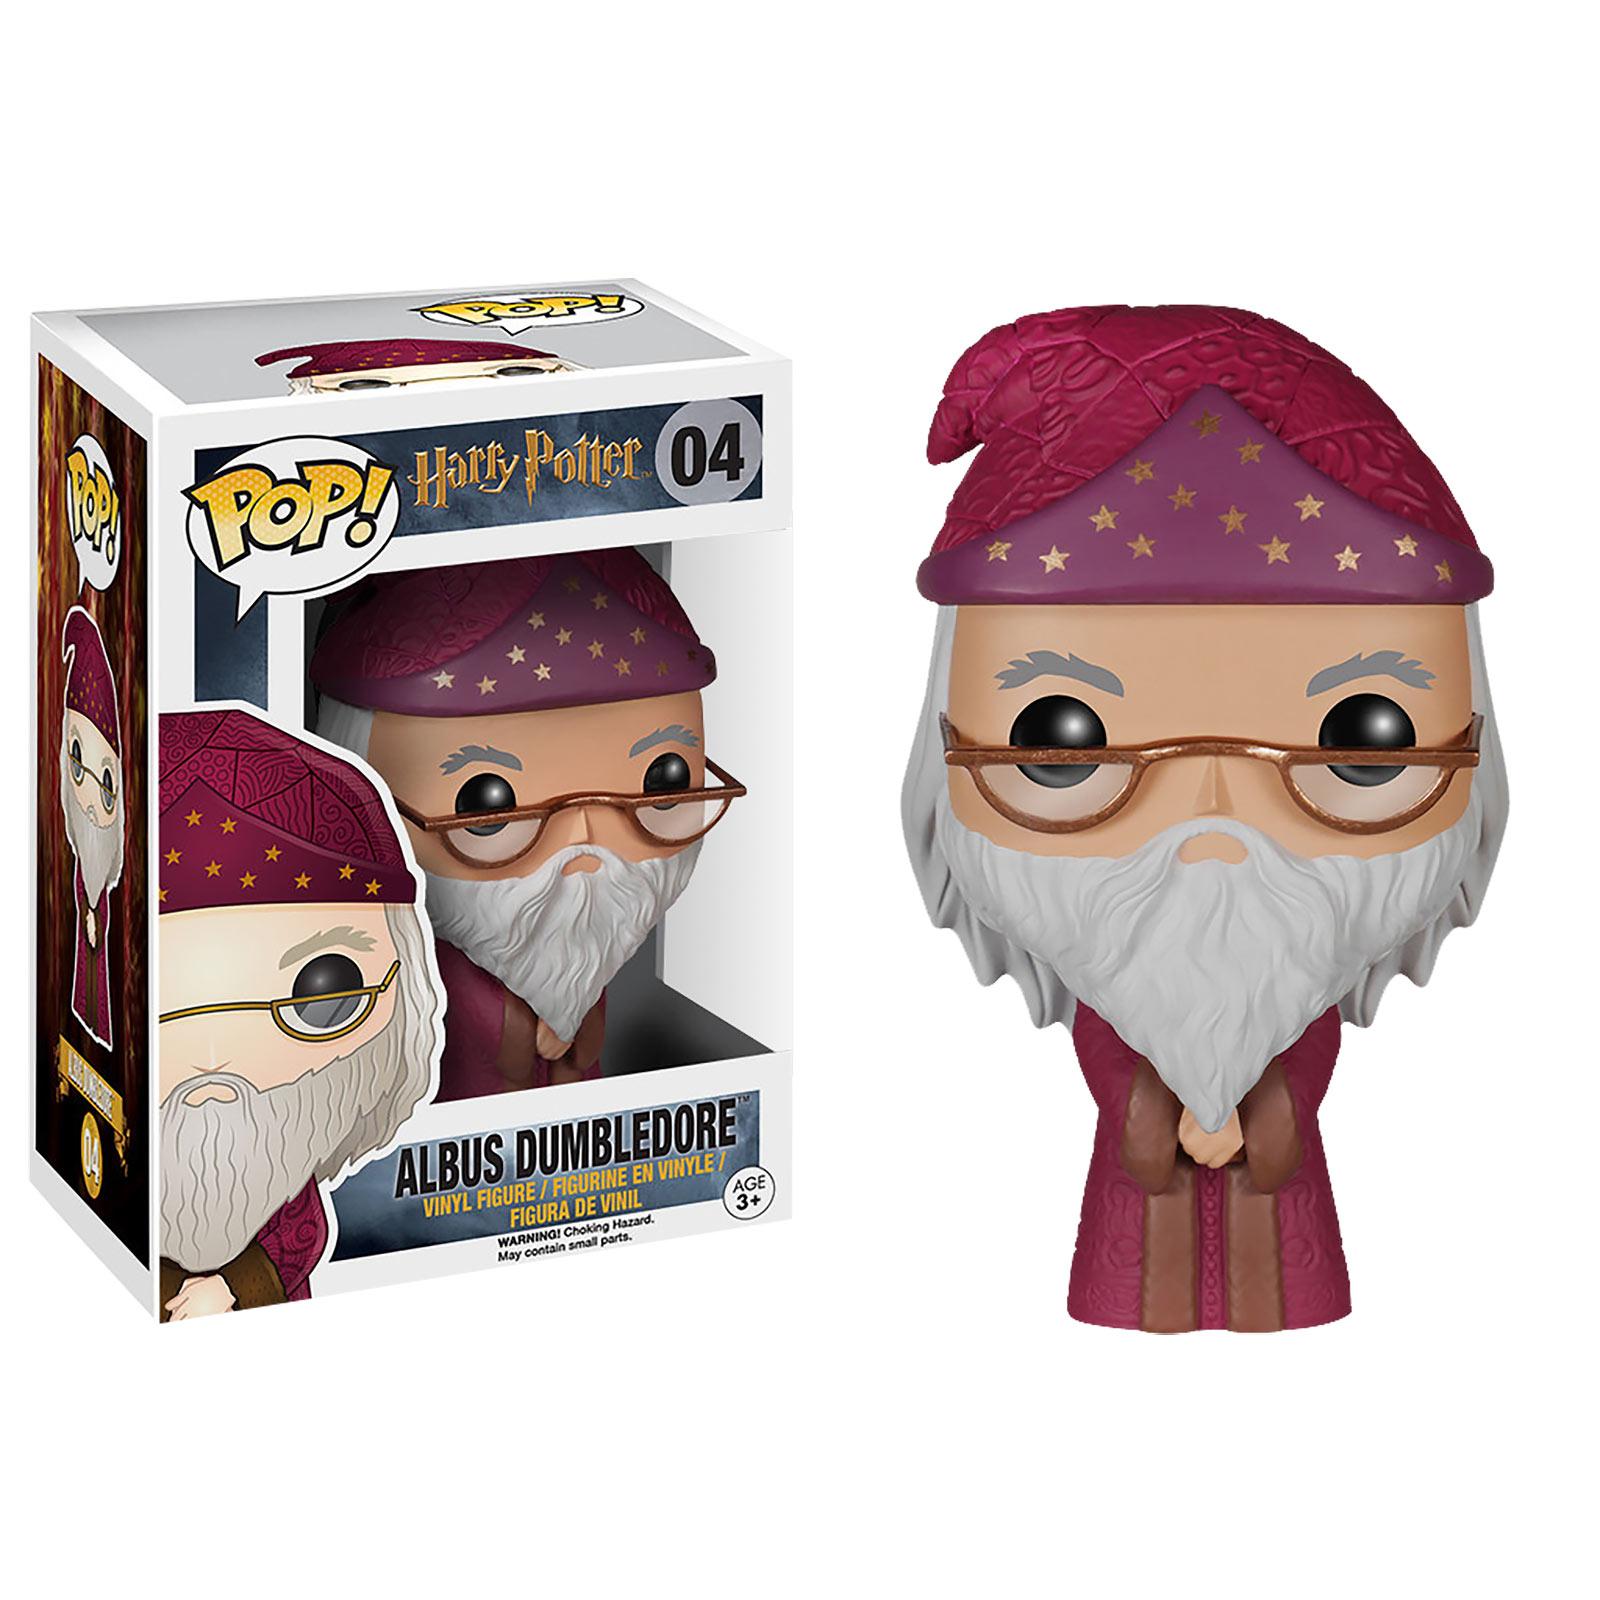 Harry Potter - Albus Dumbledore Mini-Figur